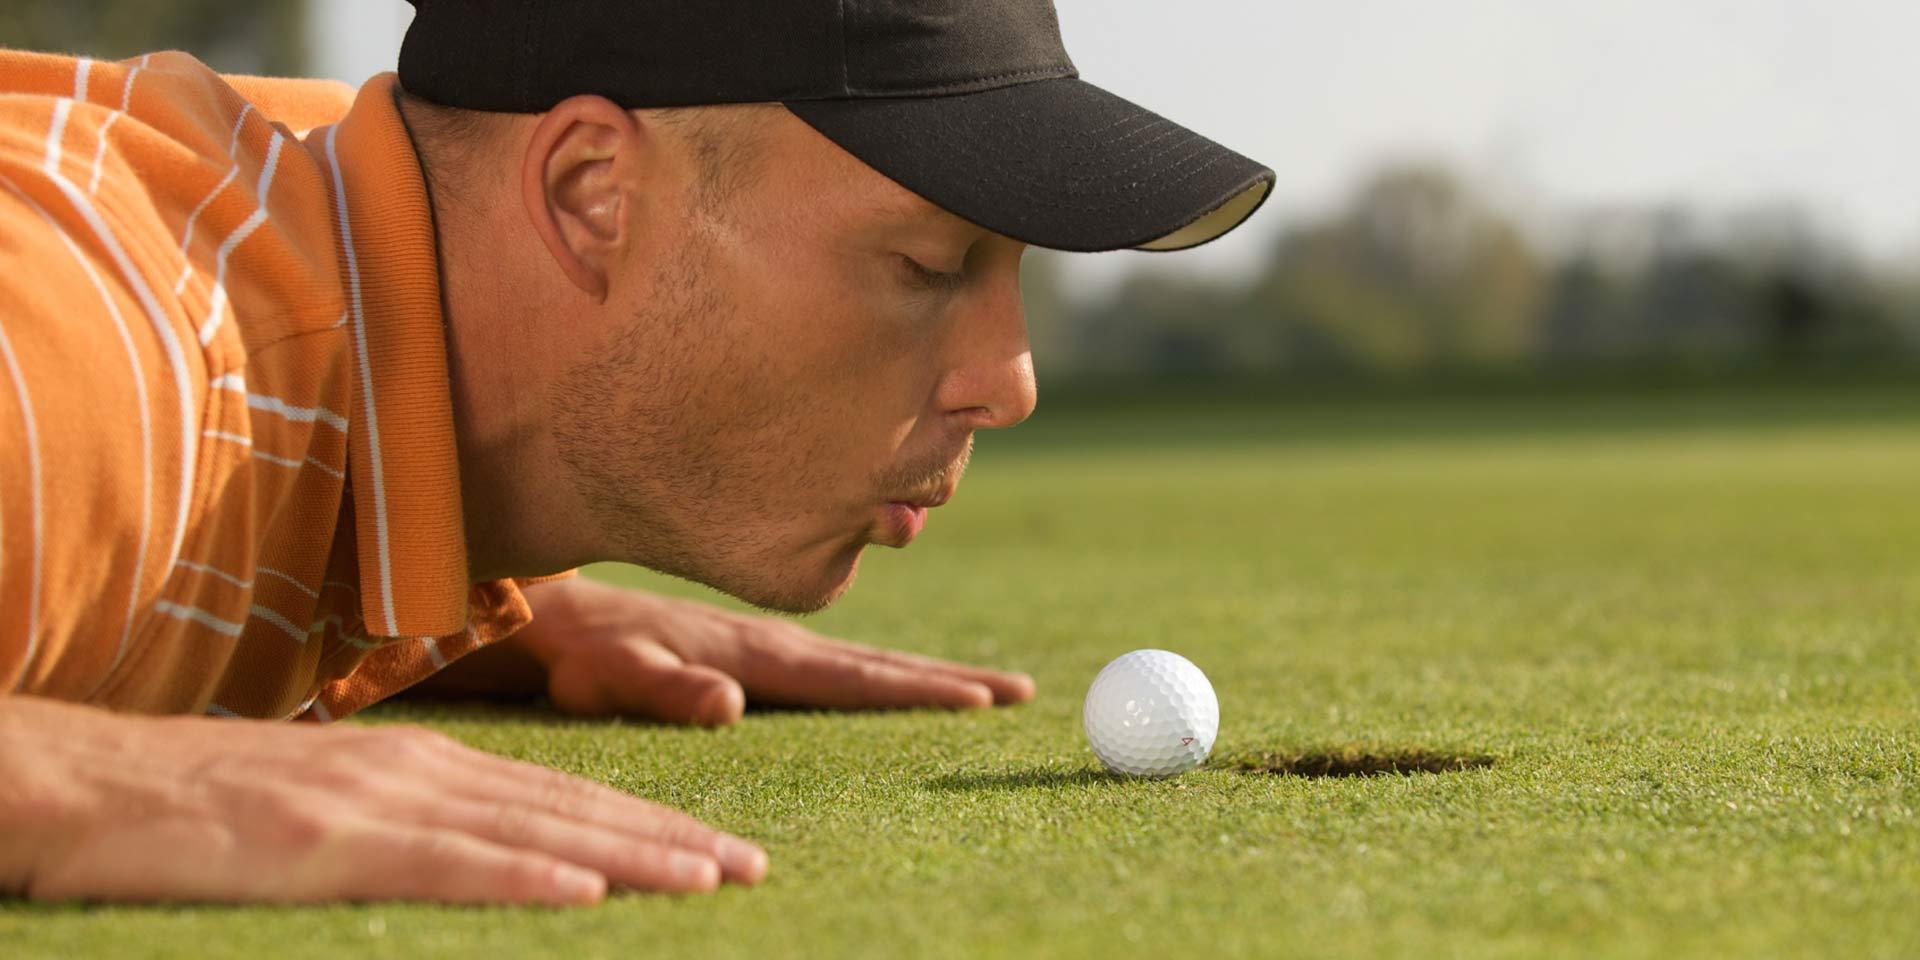 Man putting a golf ball